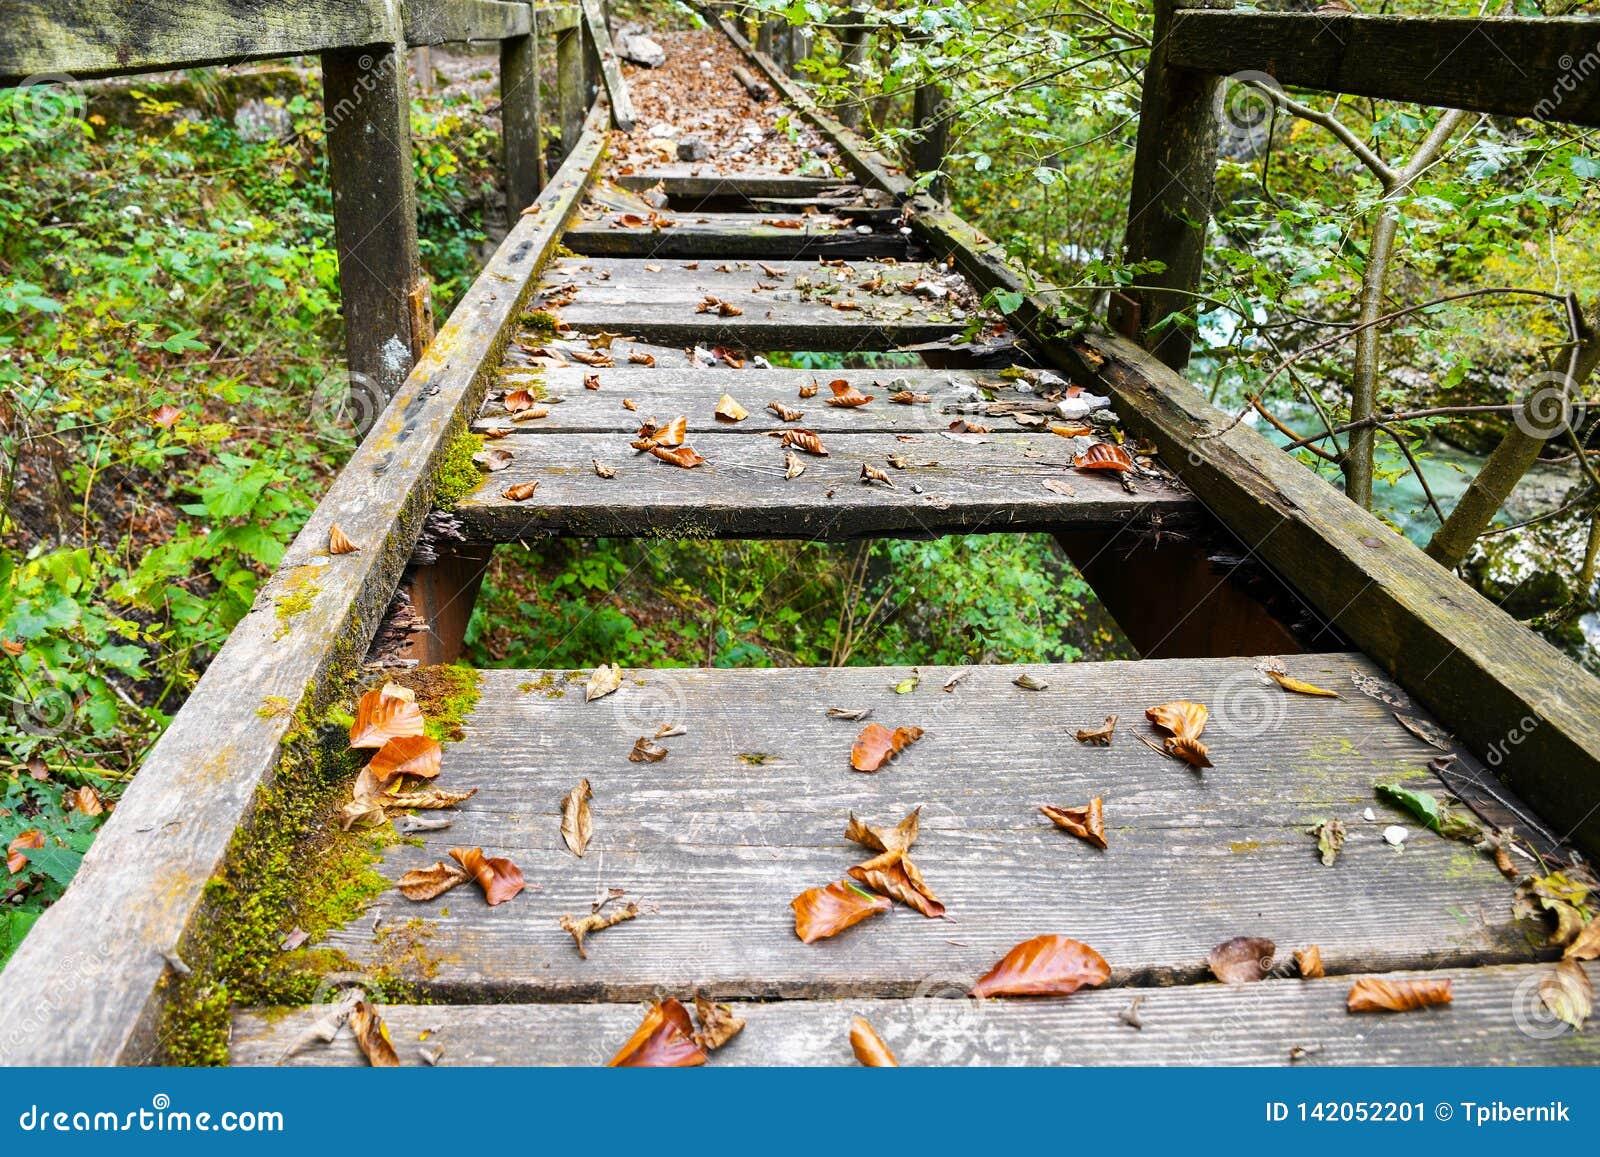 Old broken wooden bridge with holes dangerous walking path